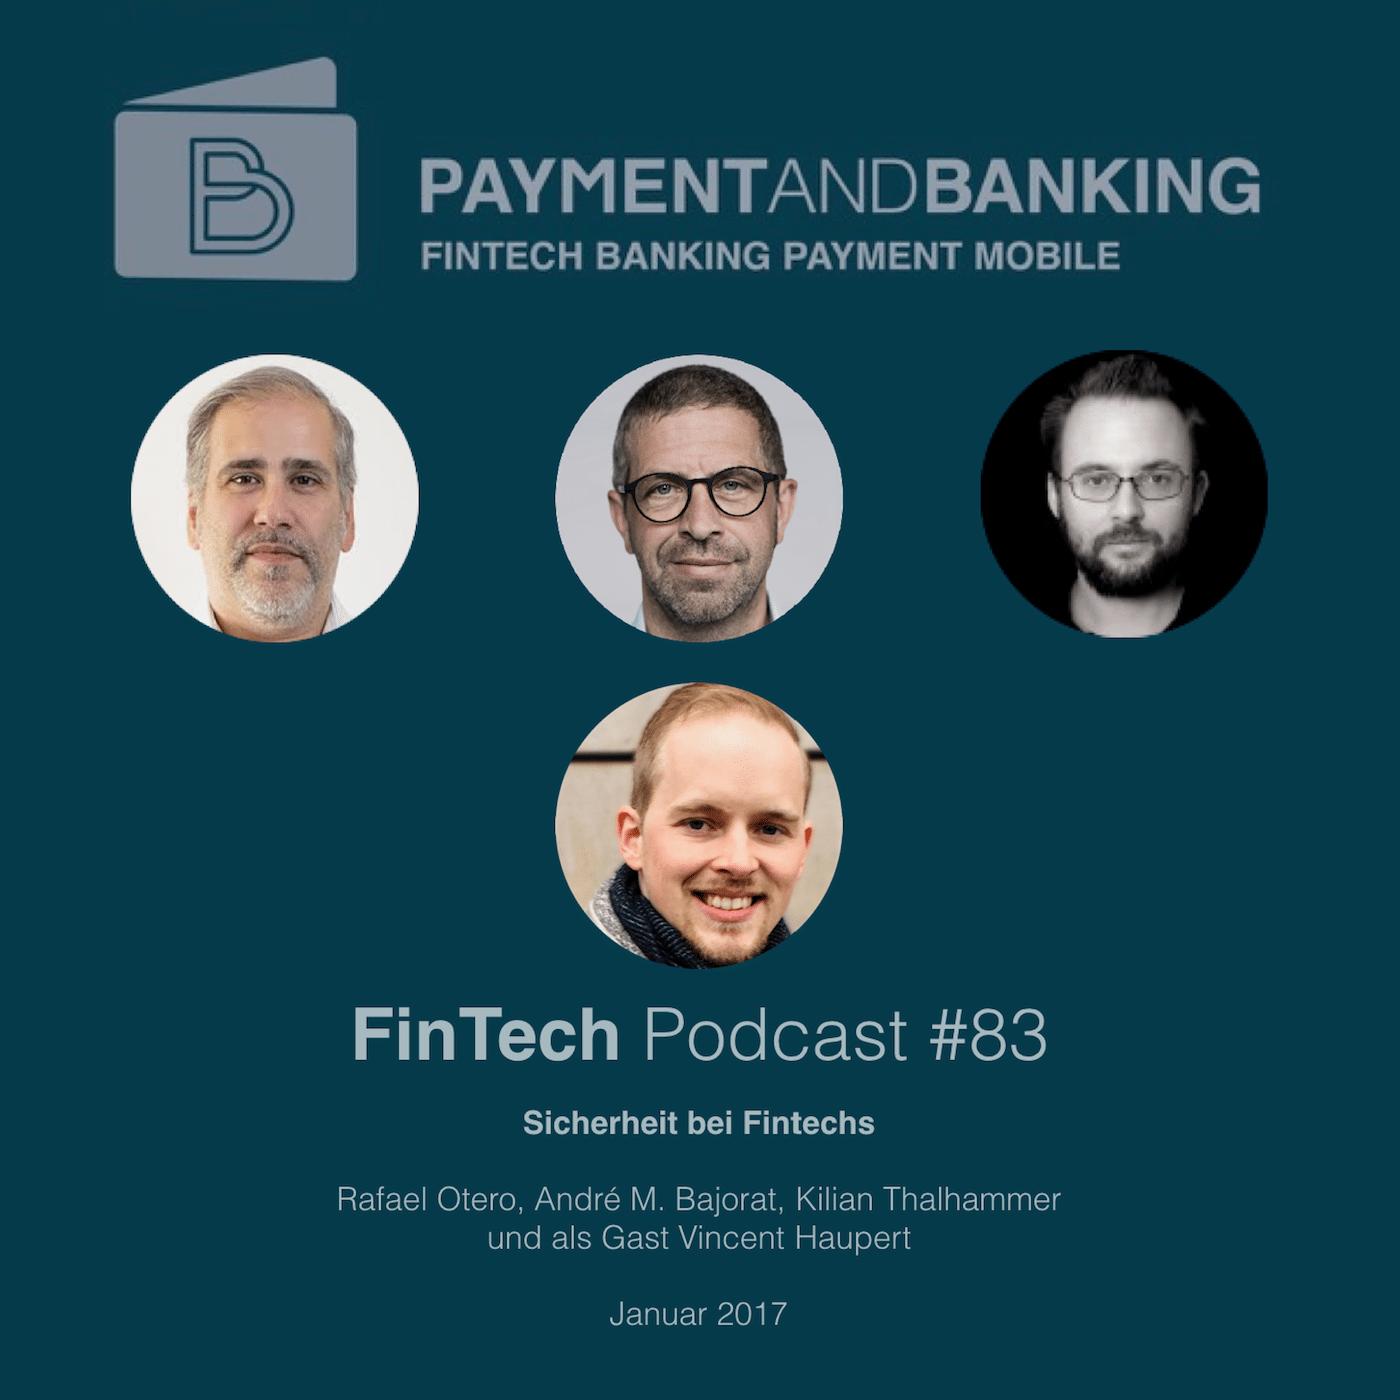 Fintech Podcast #83